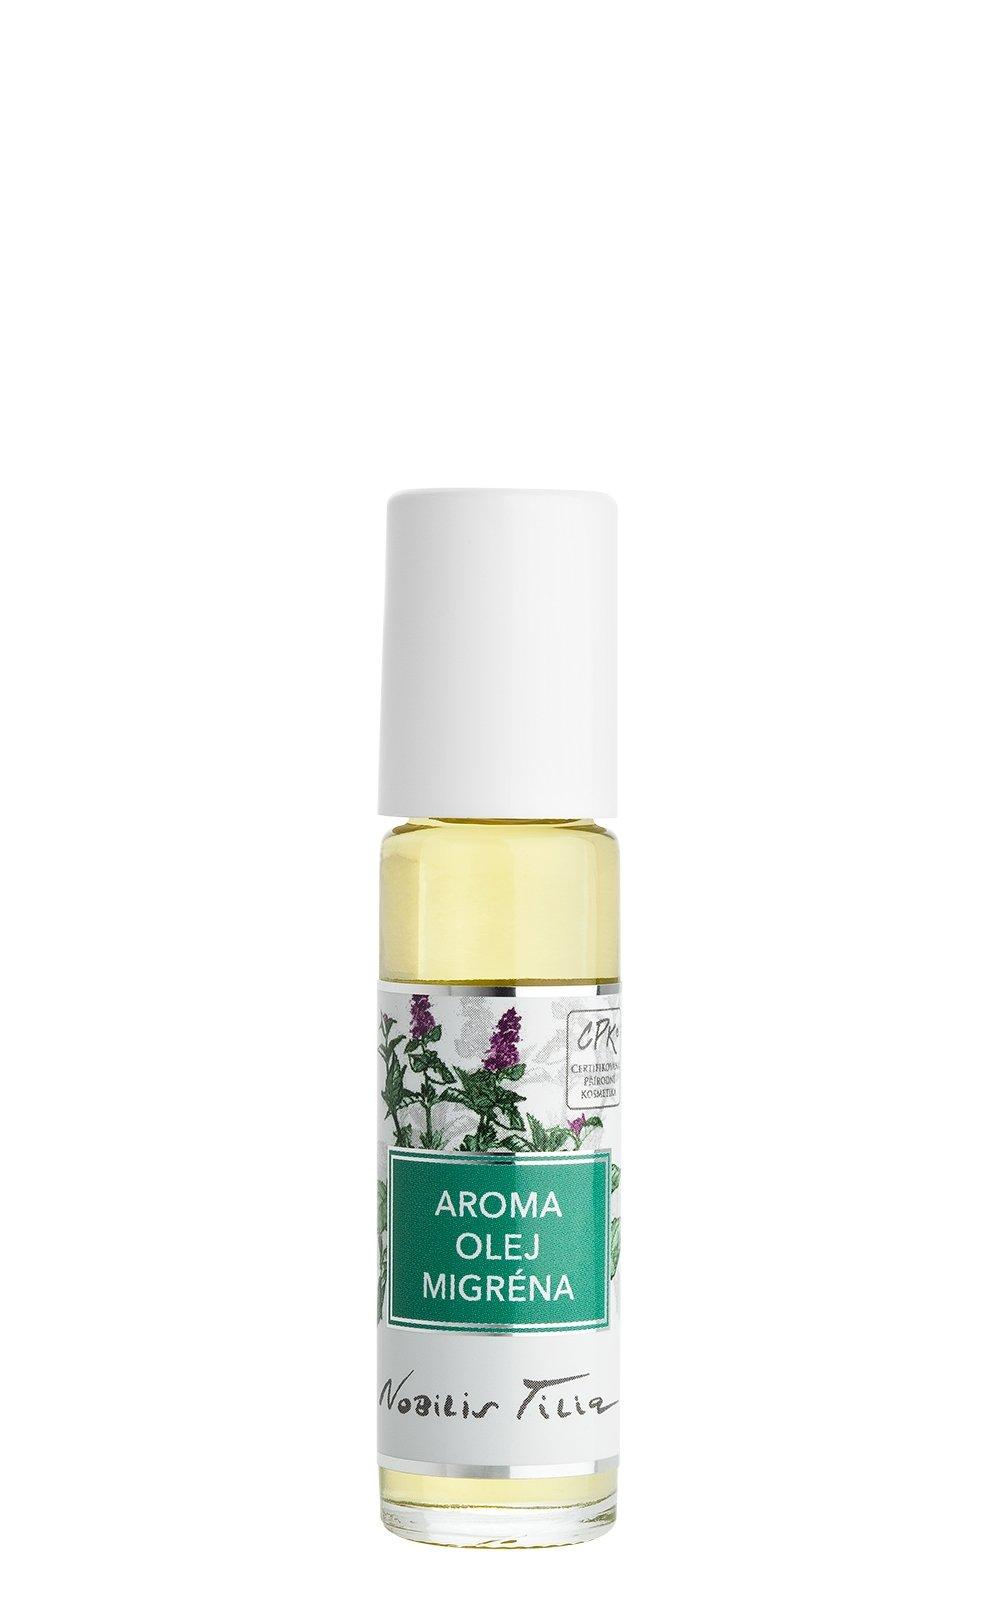 Aroma olej Migréna: 10 ml